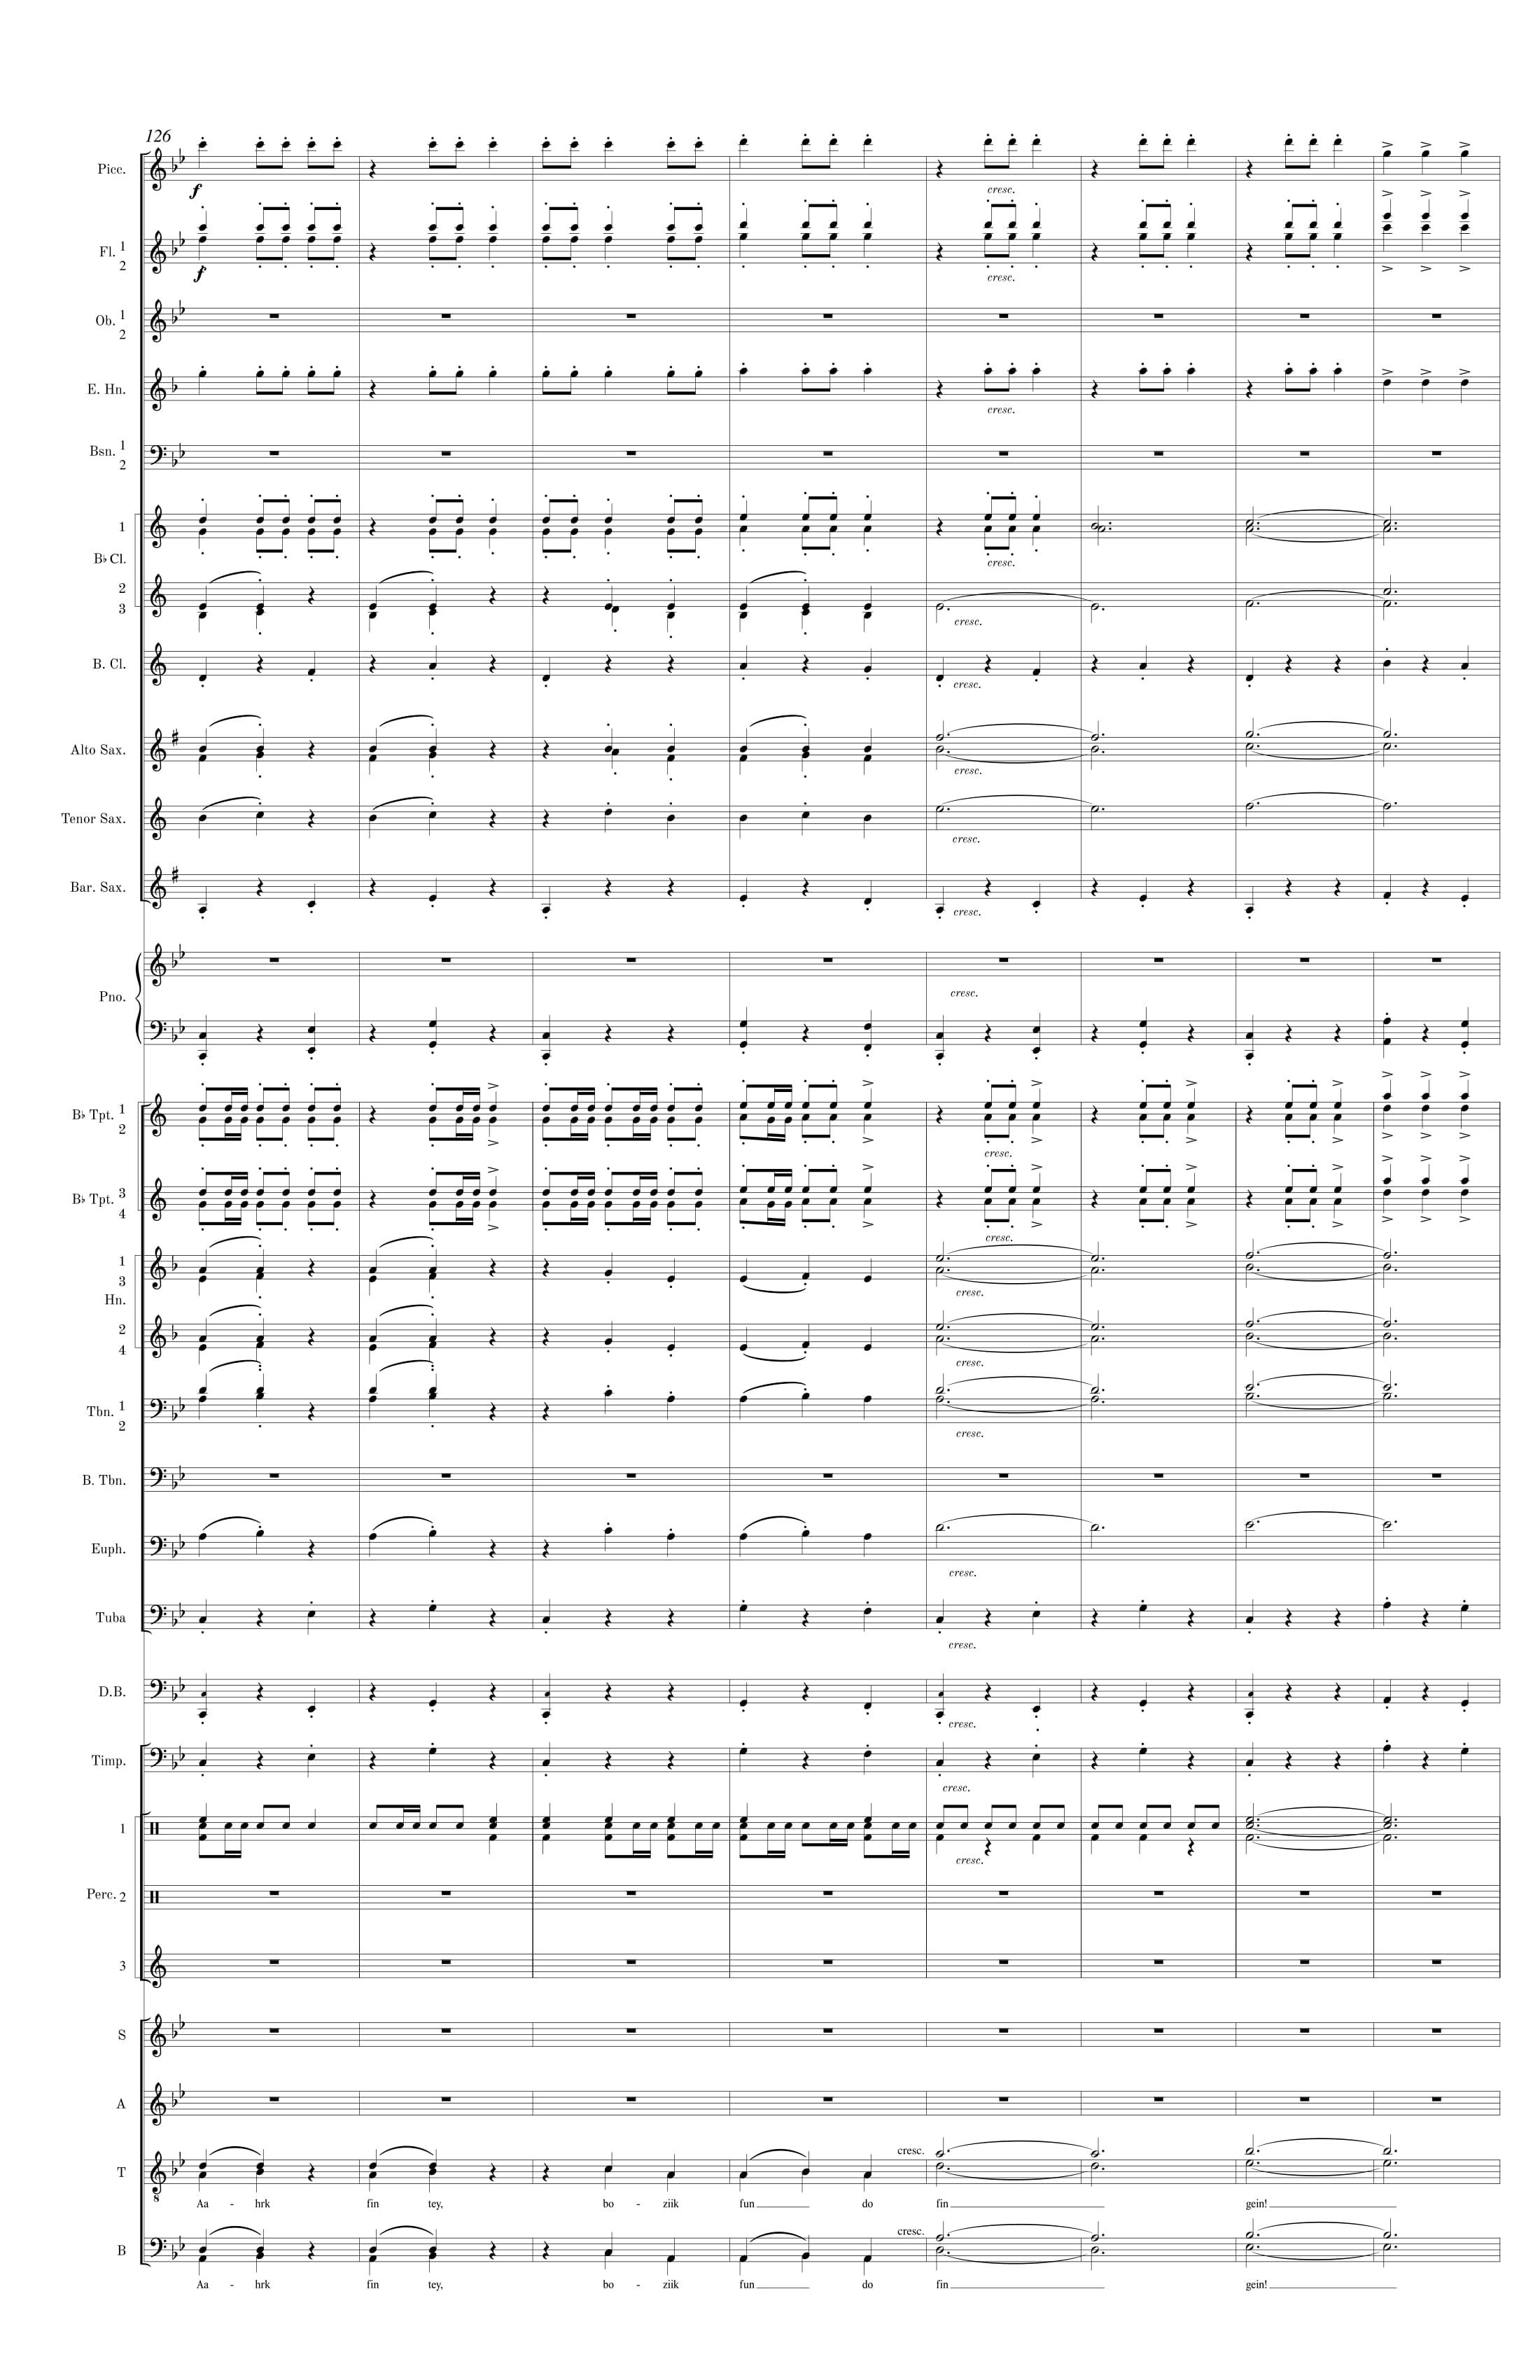 Symphonic Band Score